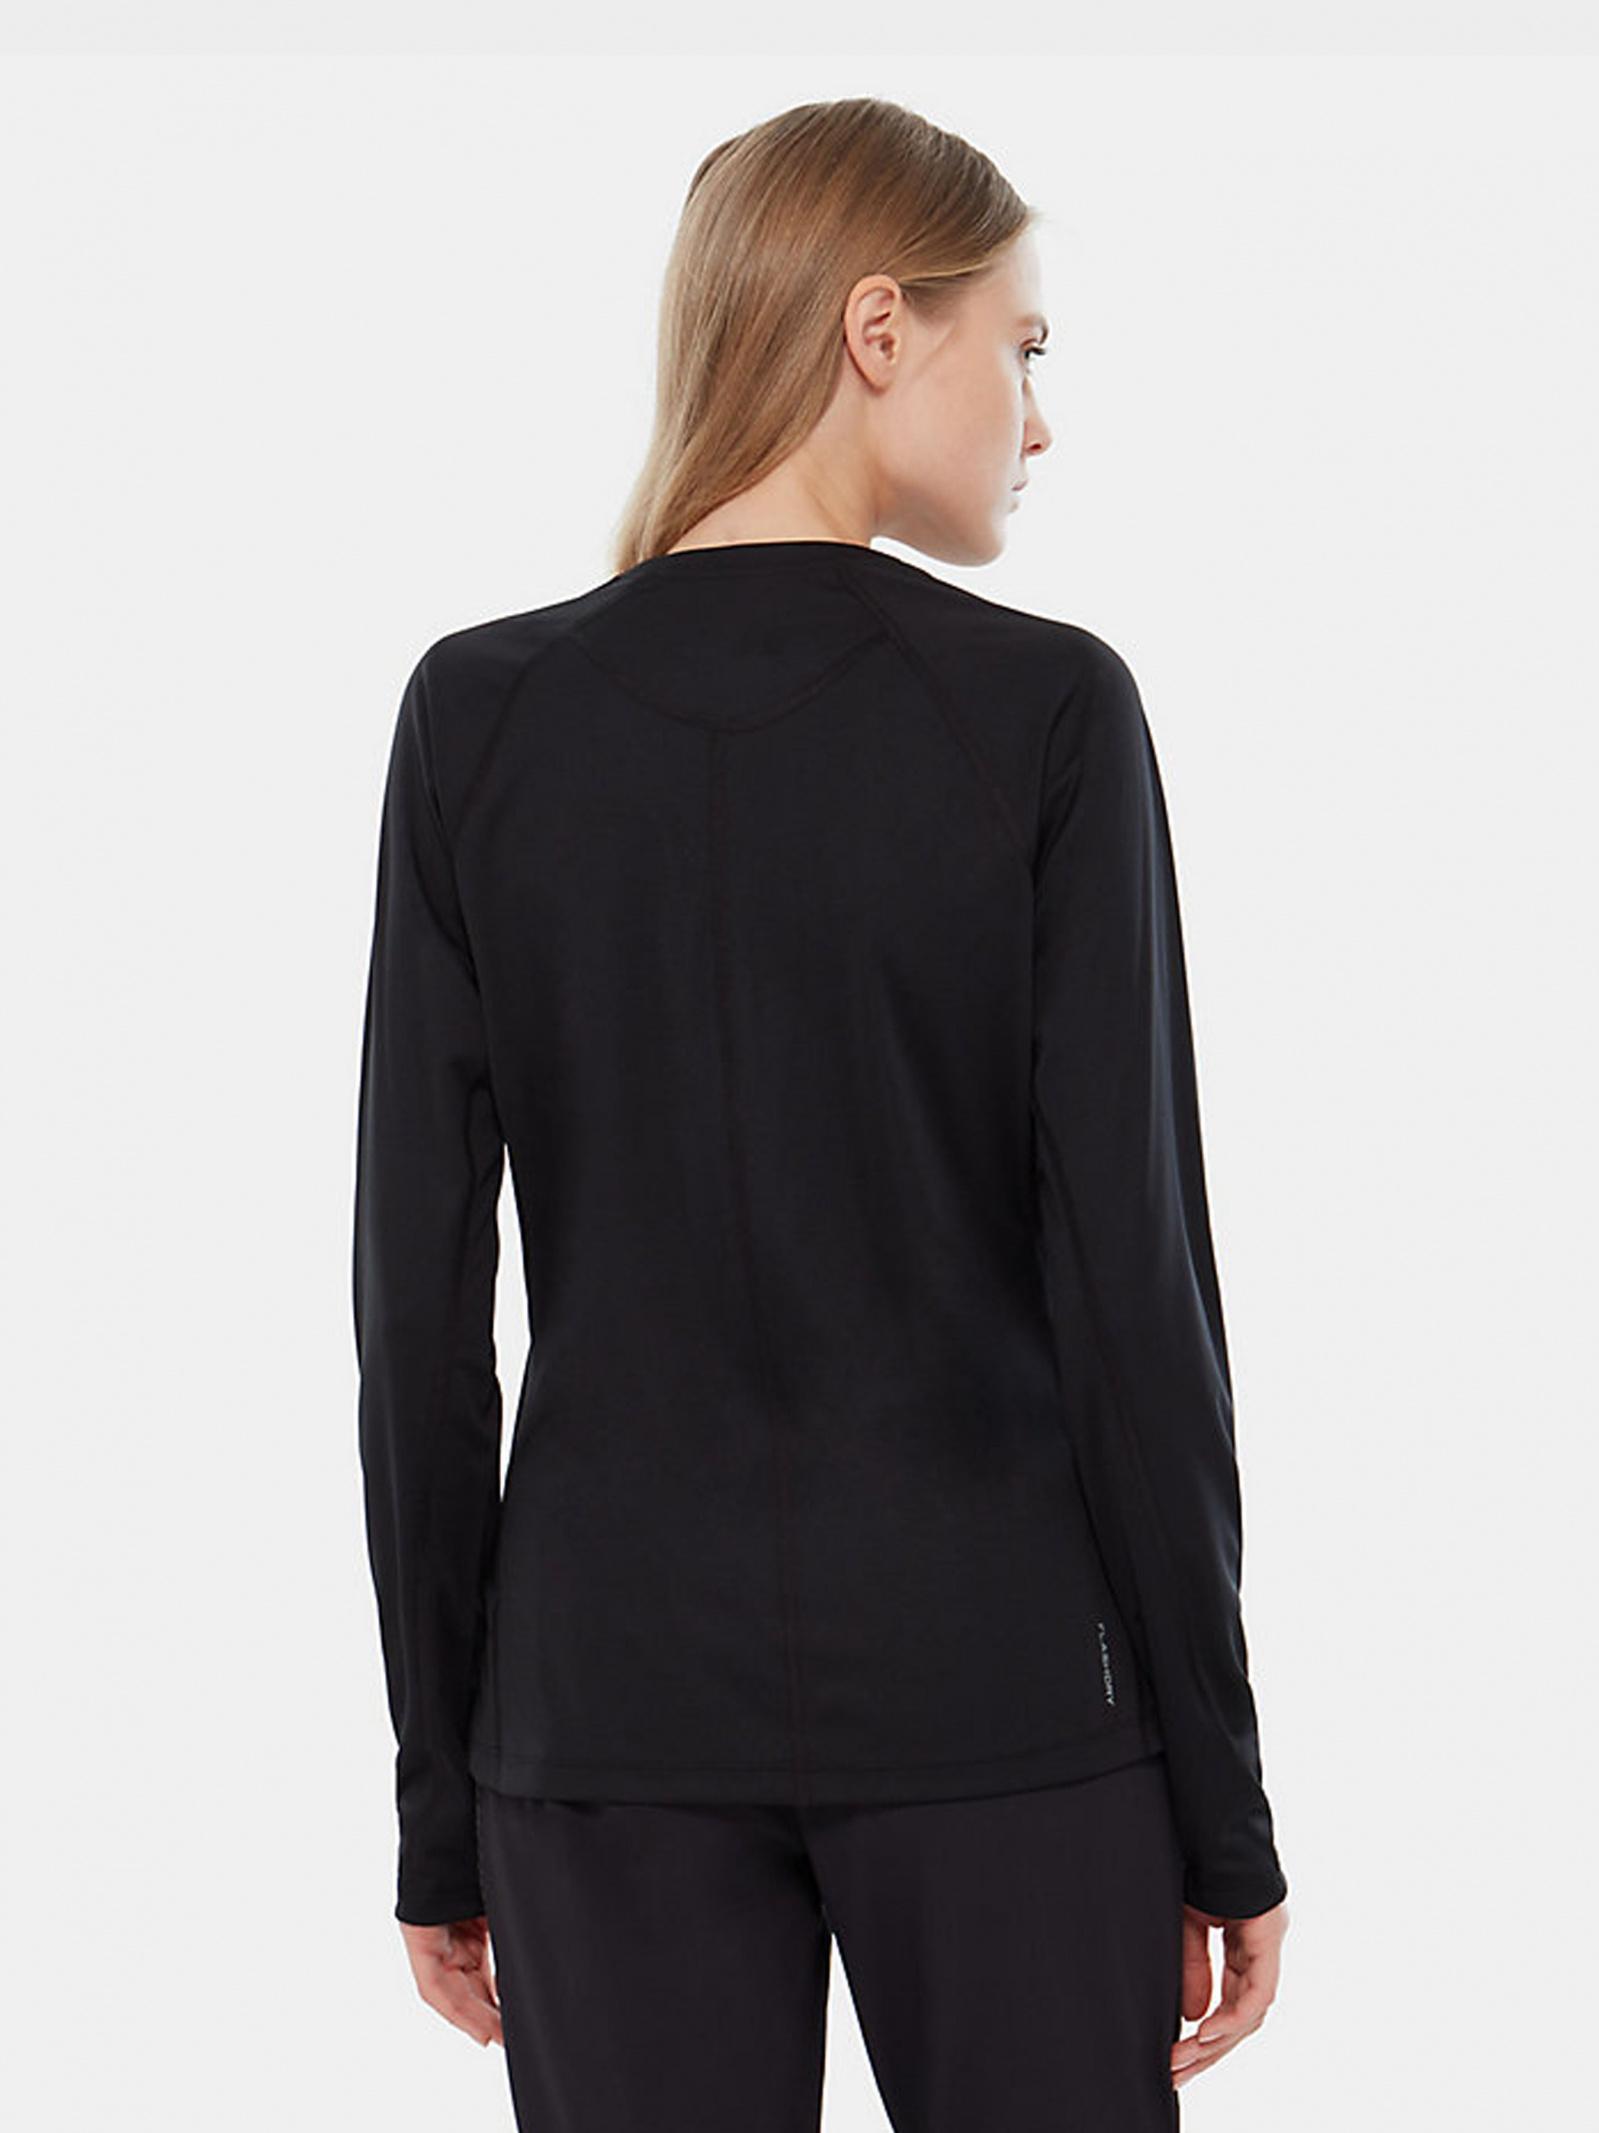 Кофты и свитера женские The North Face модель NF0A3UWMJK31 купить, 2017